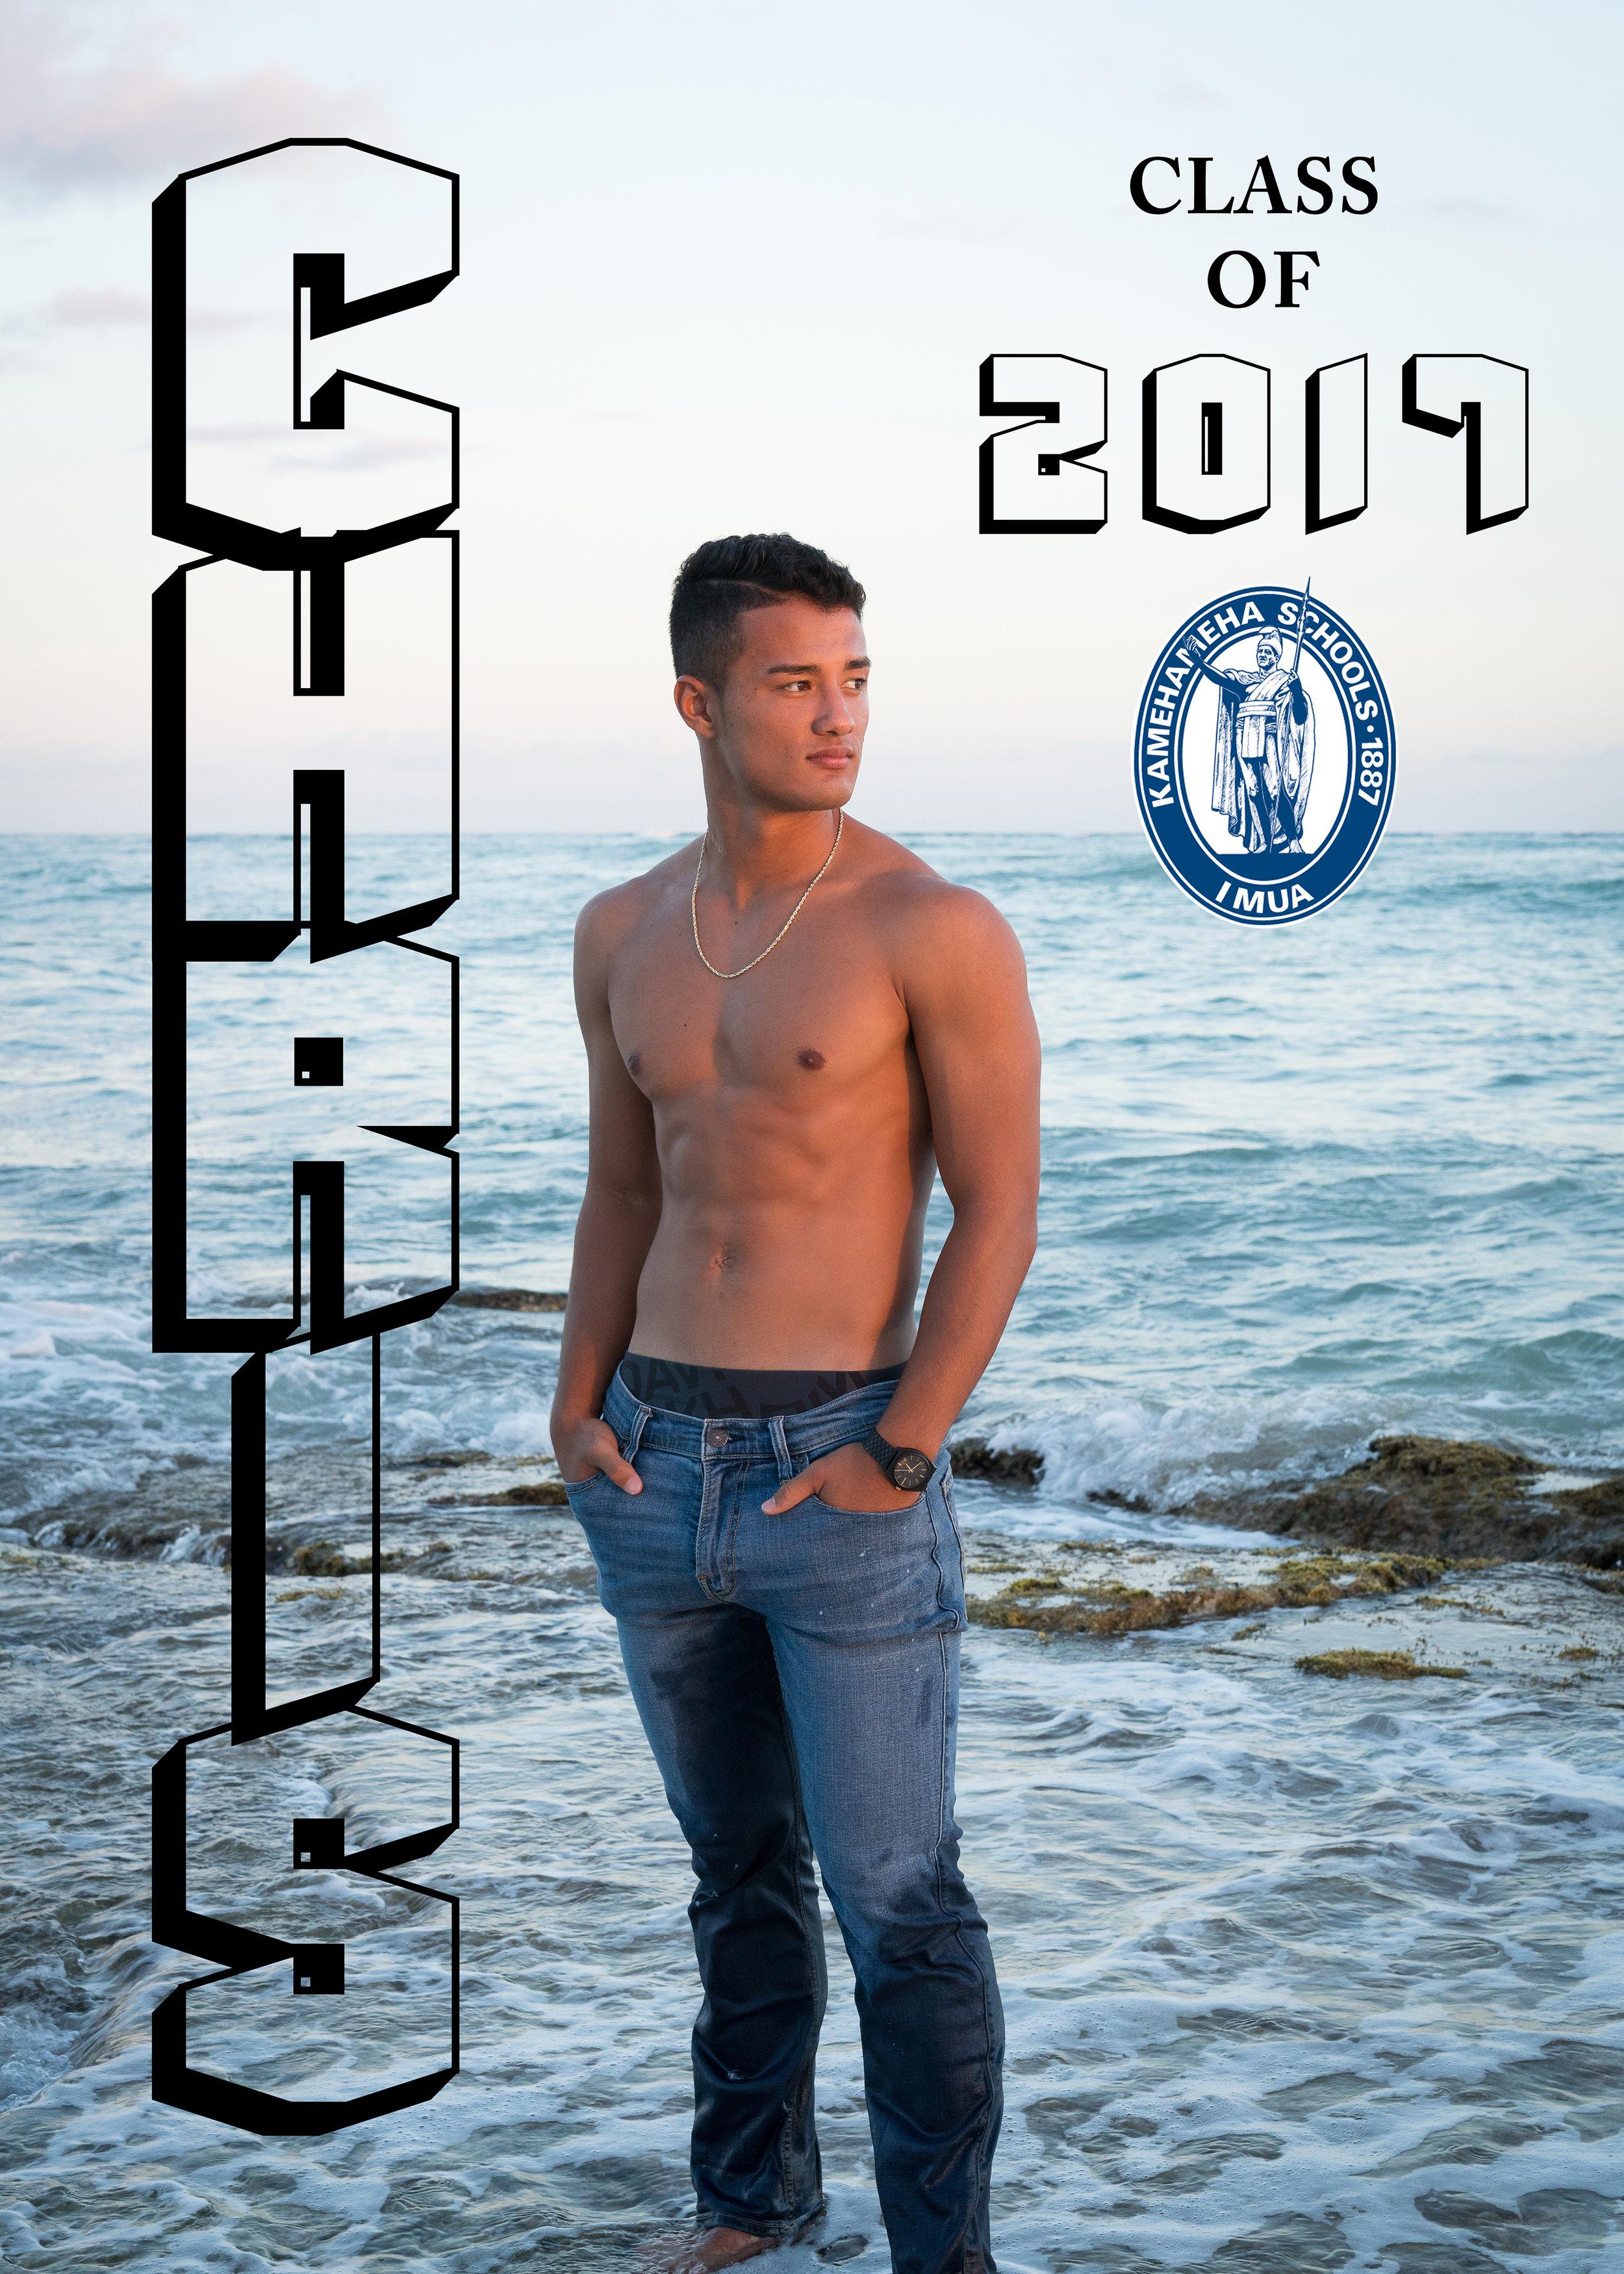 Chris_Poster13B.jpg